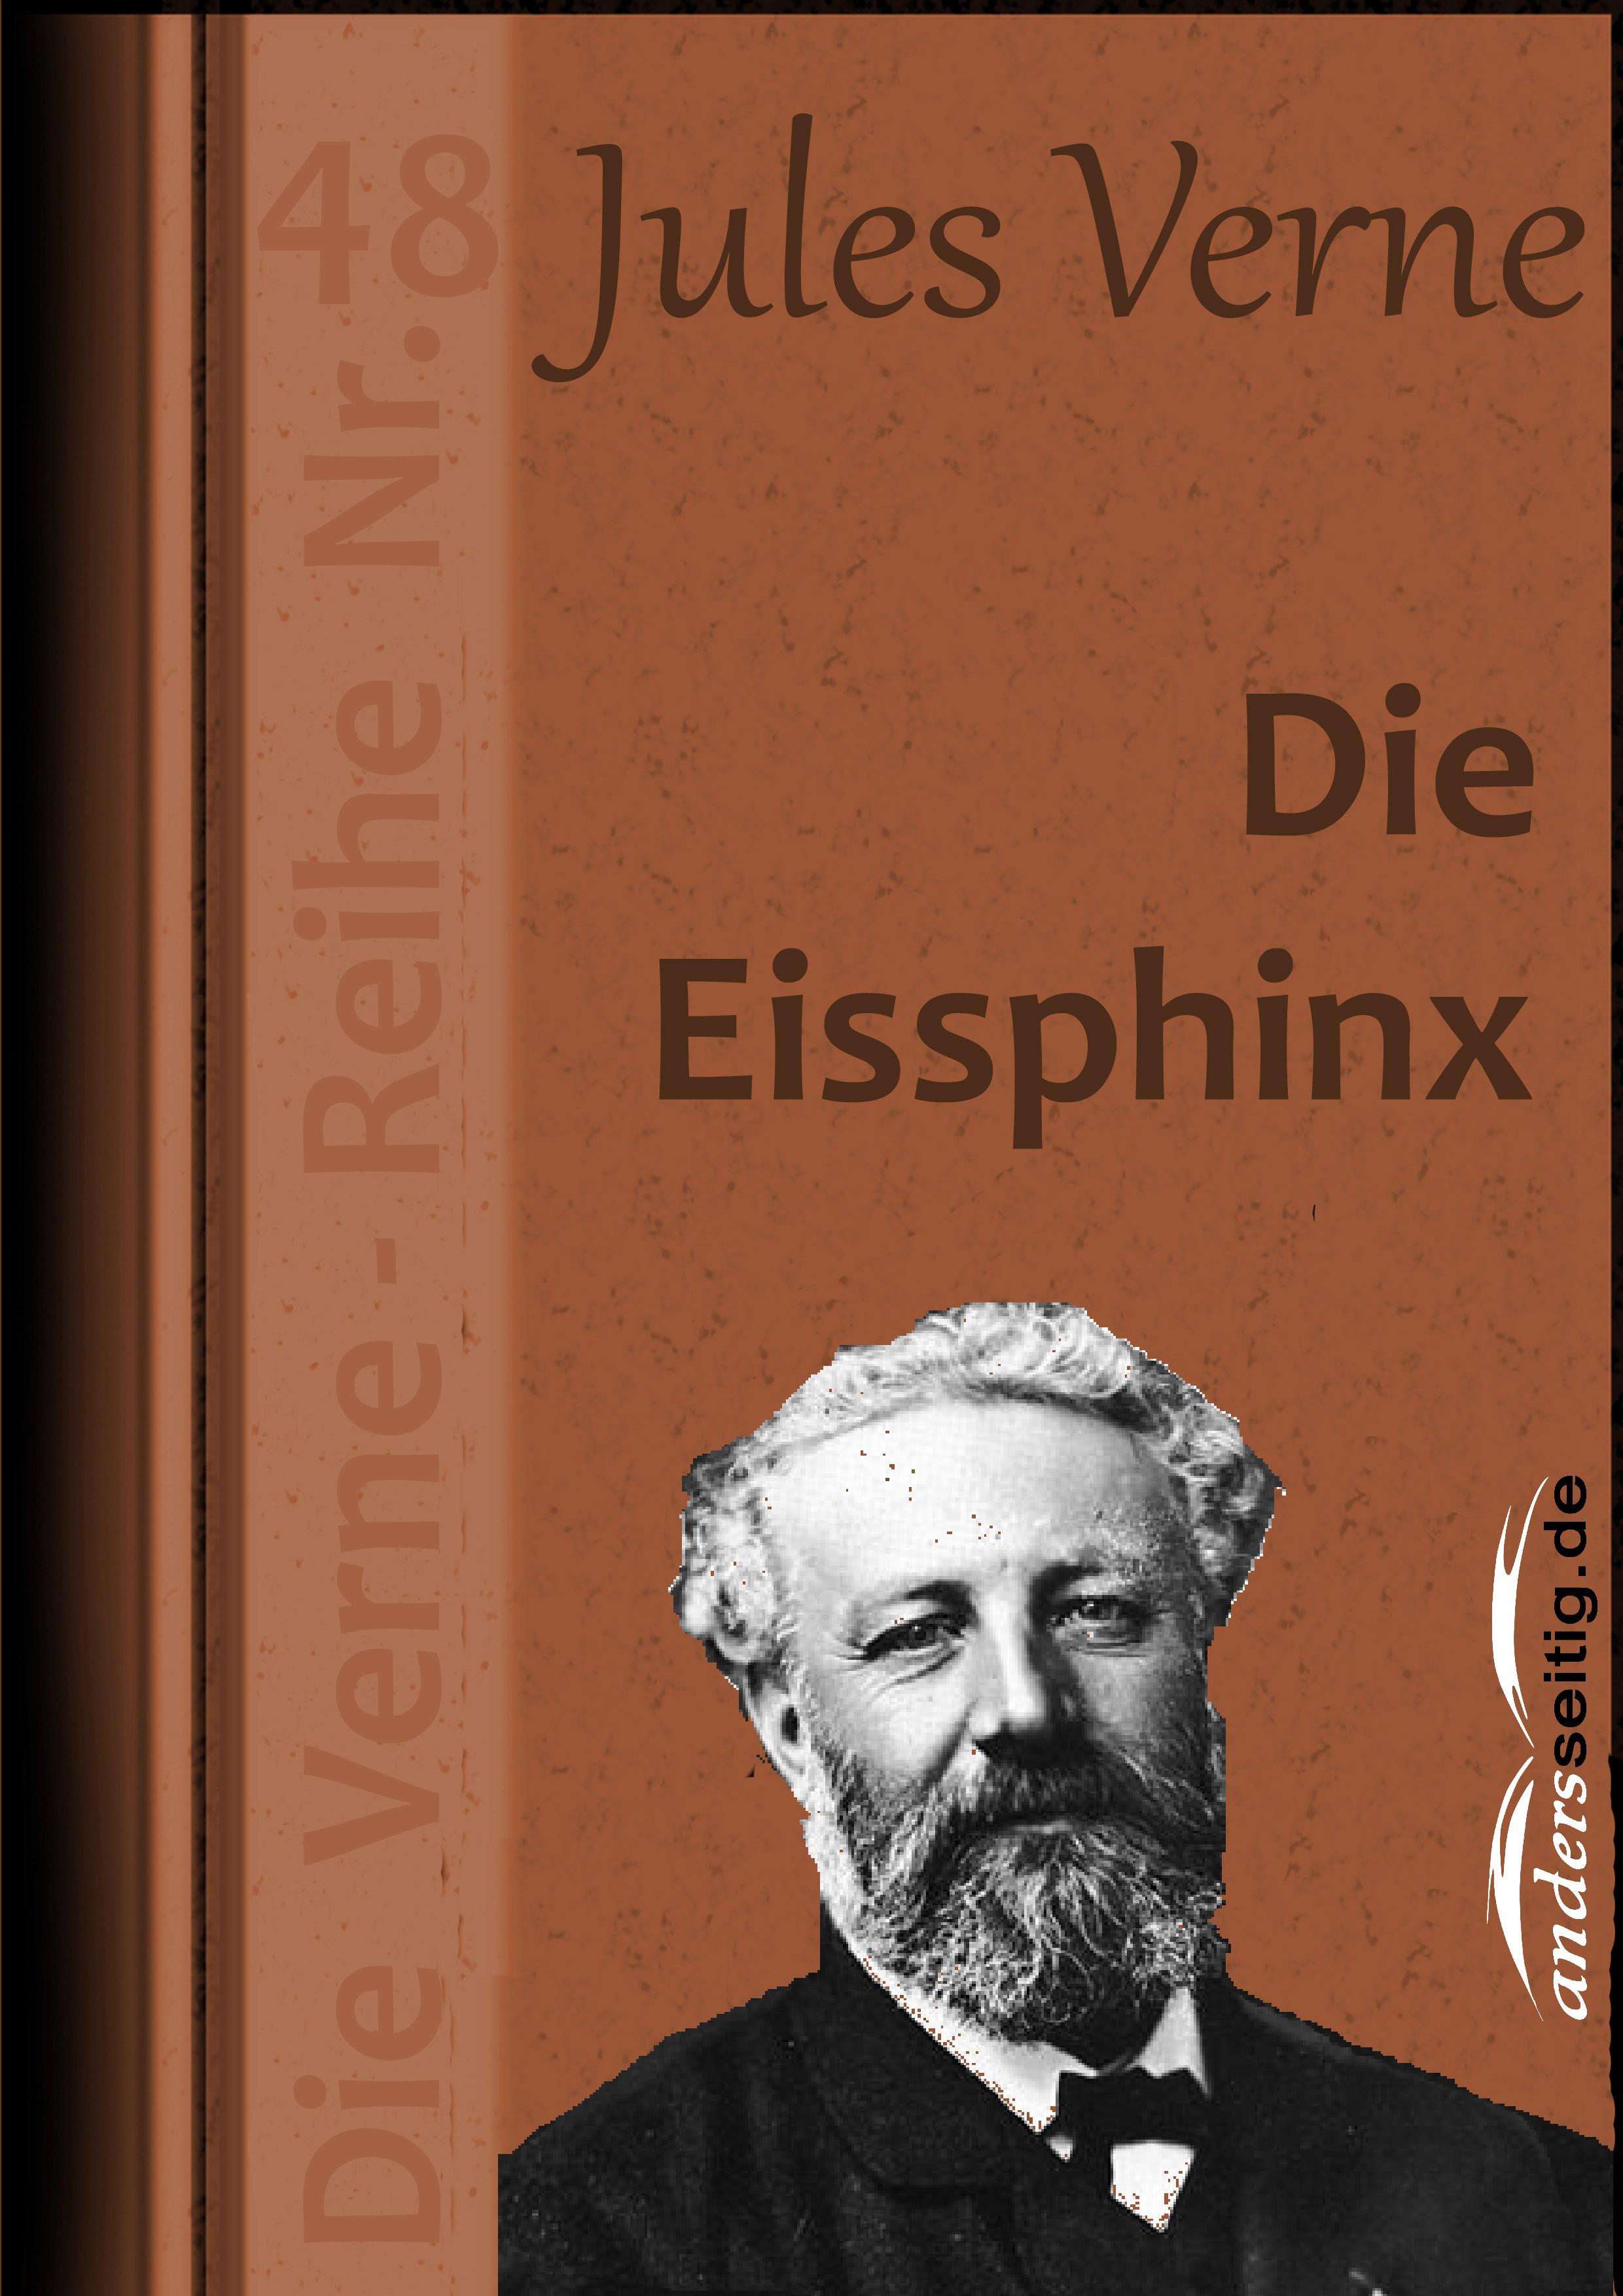 die eissphinx